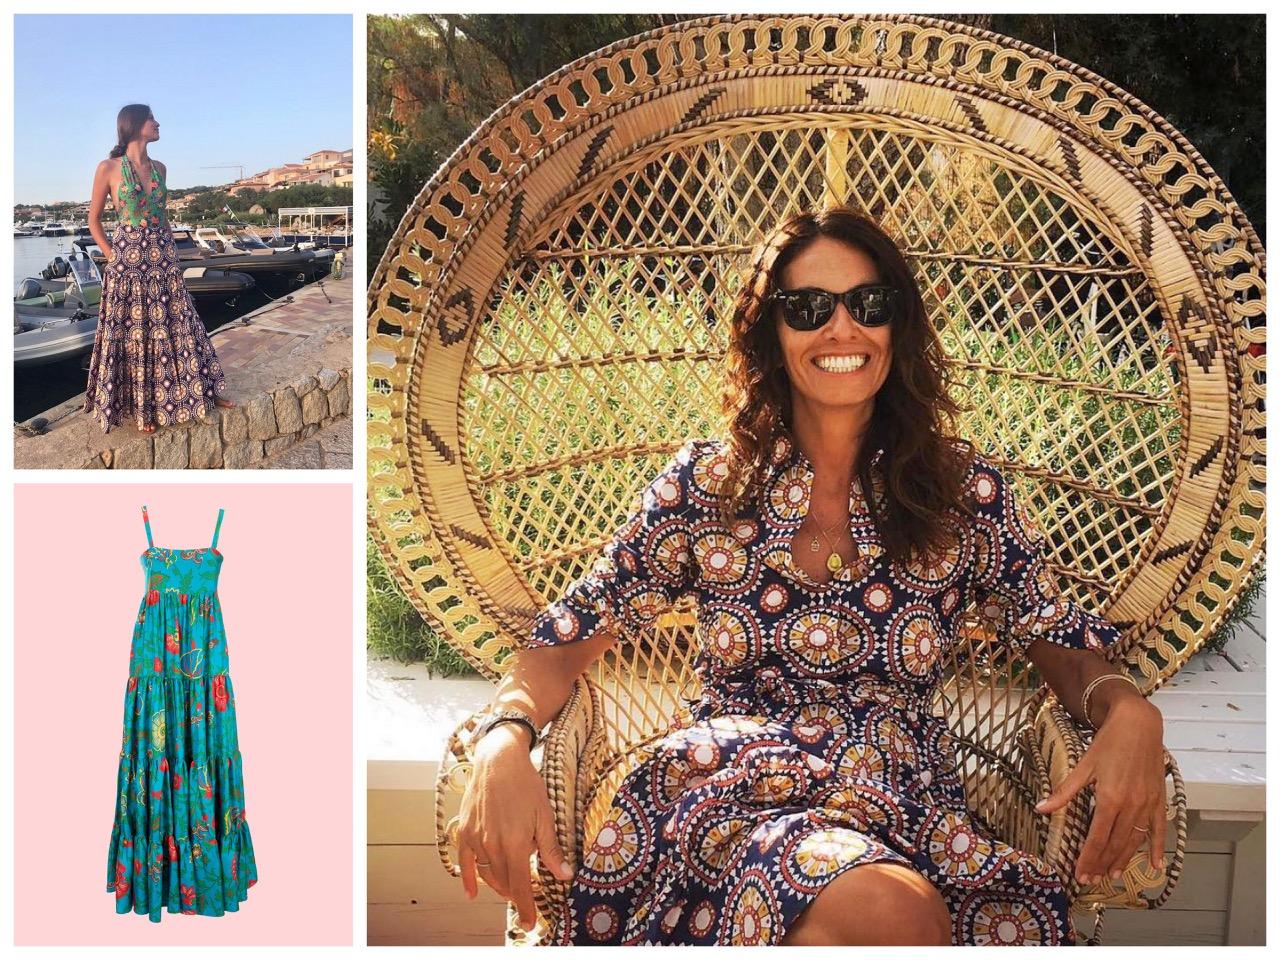 fashion crush,mode,fashion,la double J,milan,mix and match,print,mantra,vintage,soie,silk,jj martin